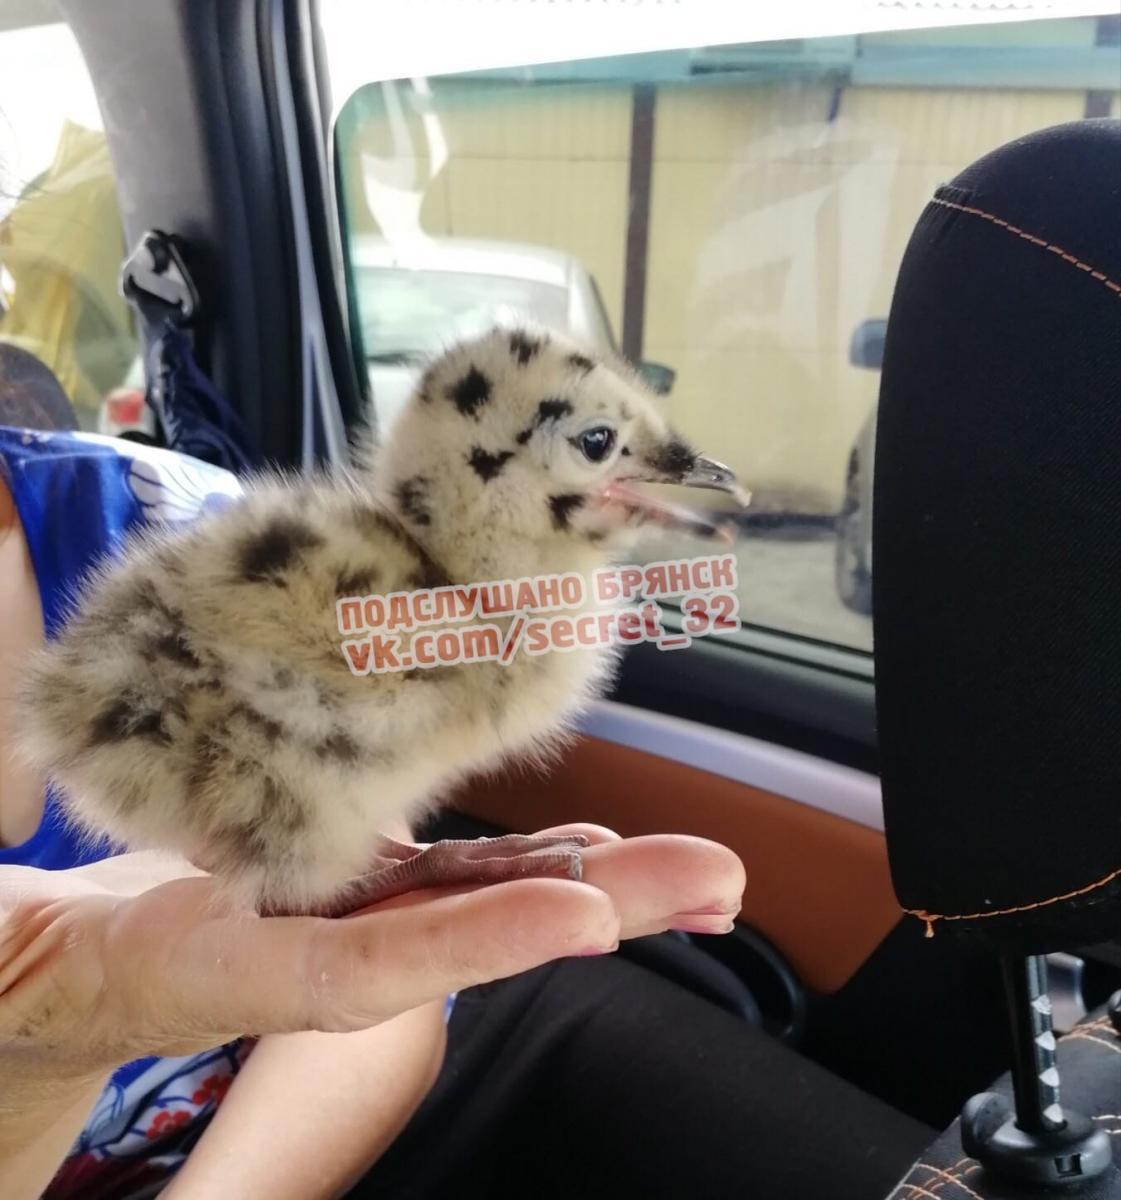 Брянцы нашли необычного птенца и увезли с собой в душном автобусе